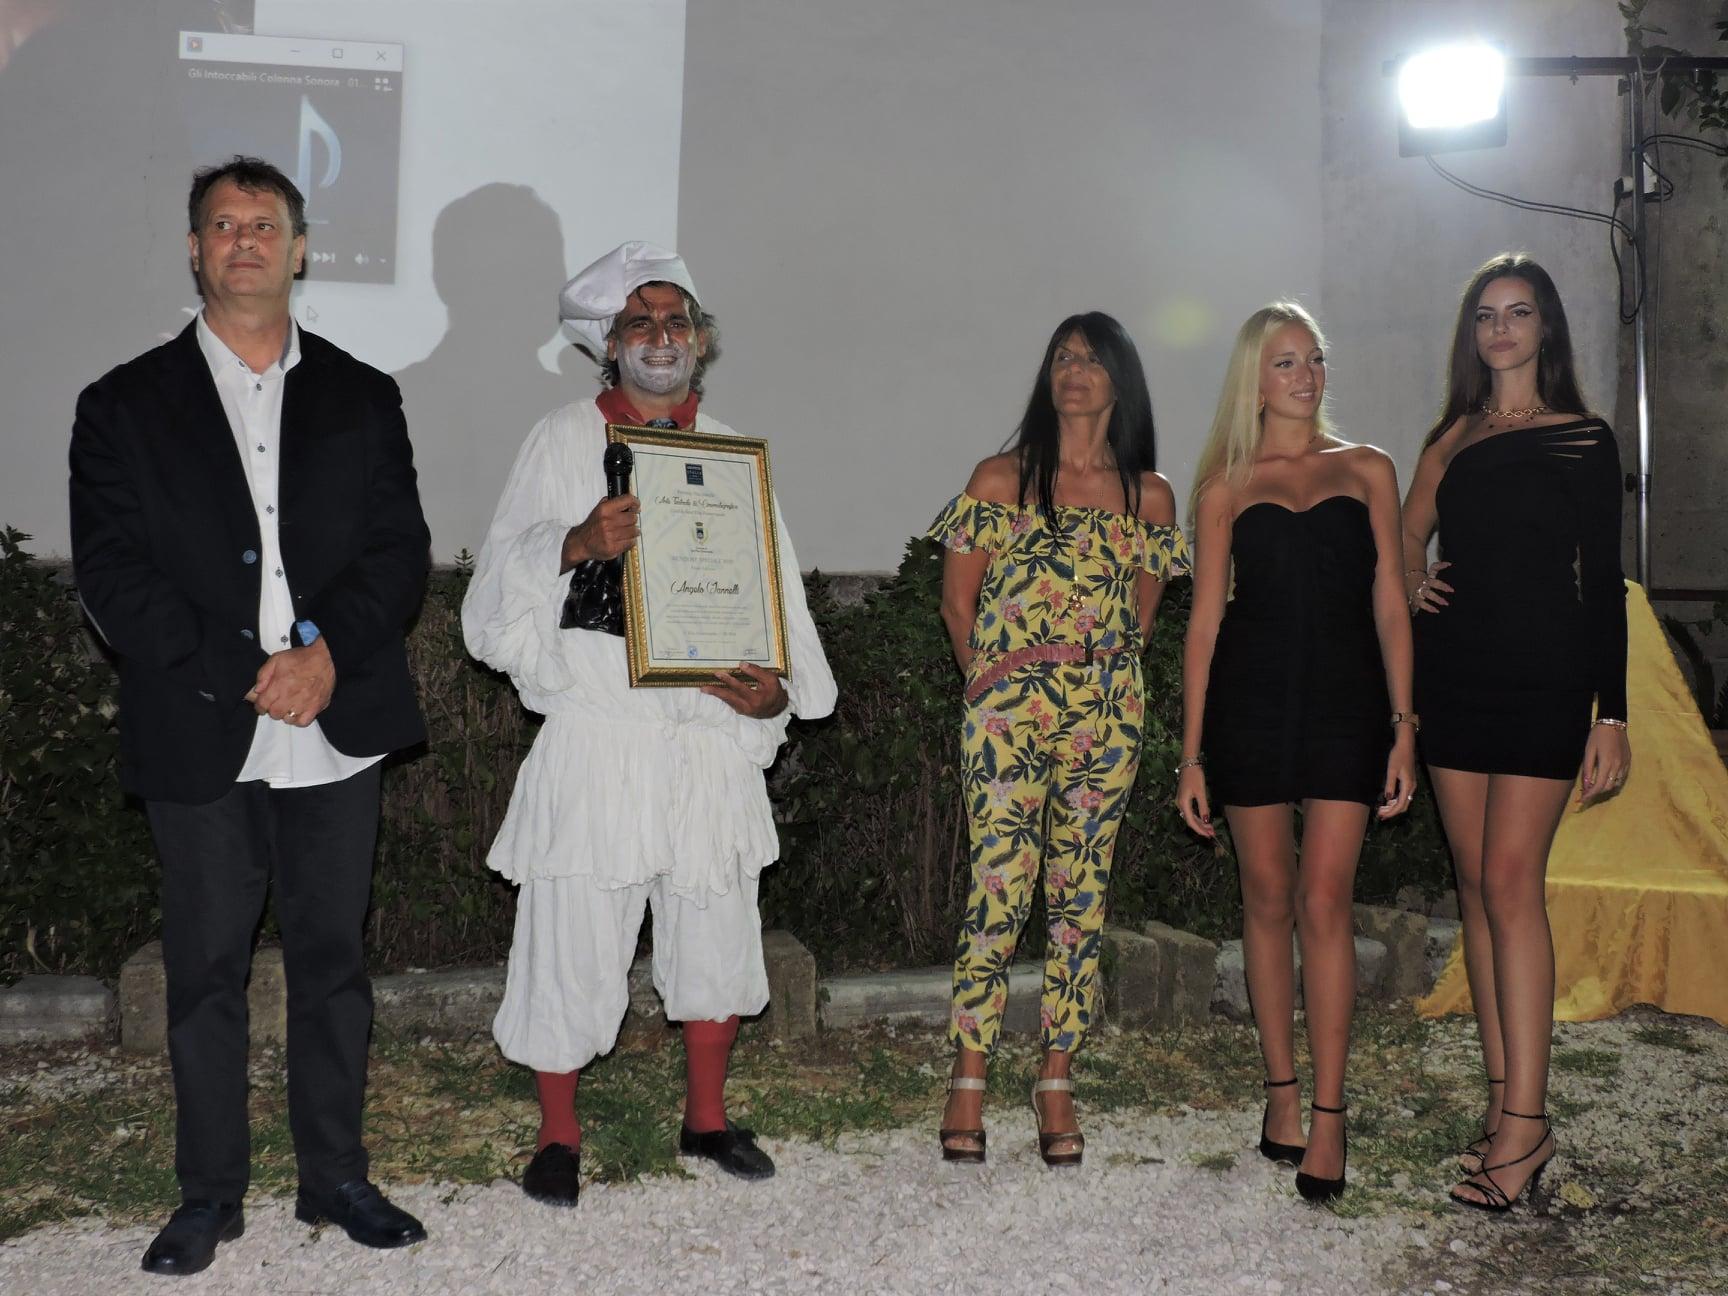 Premio Nazionale Arte Teatrale & Cinematografica conferito a Angelo Iannelli